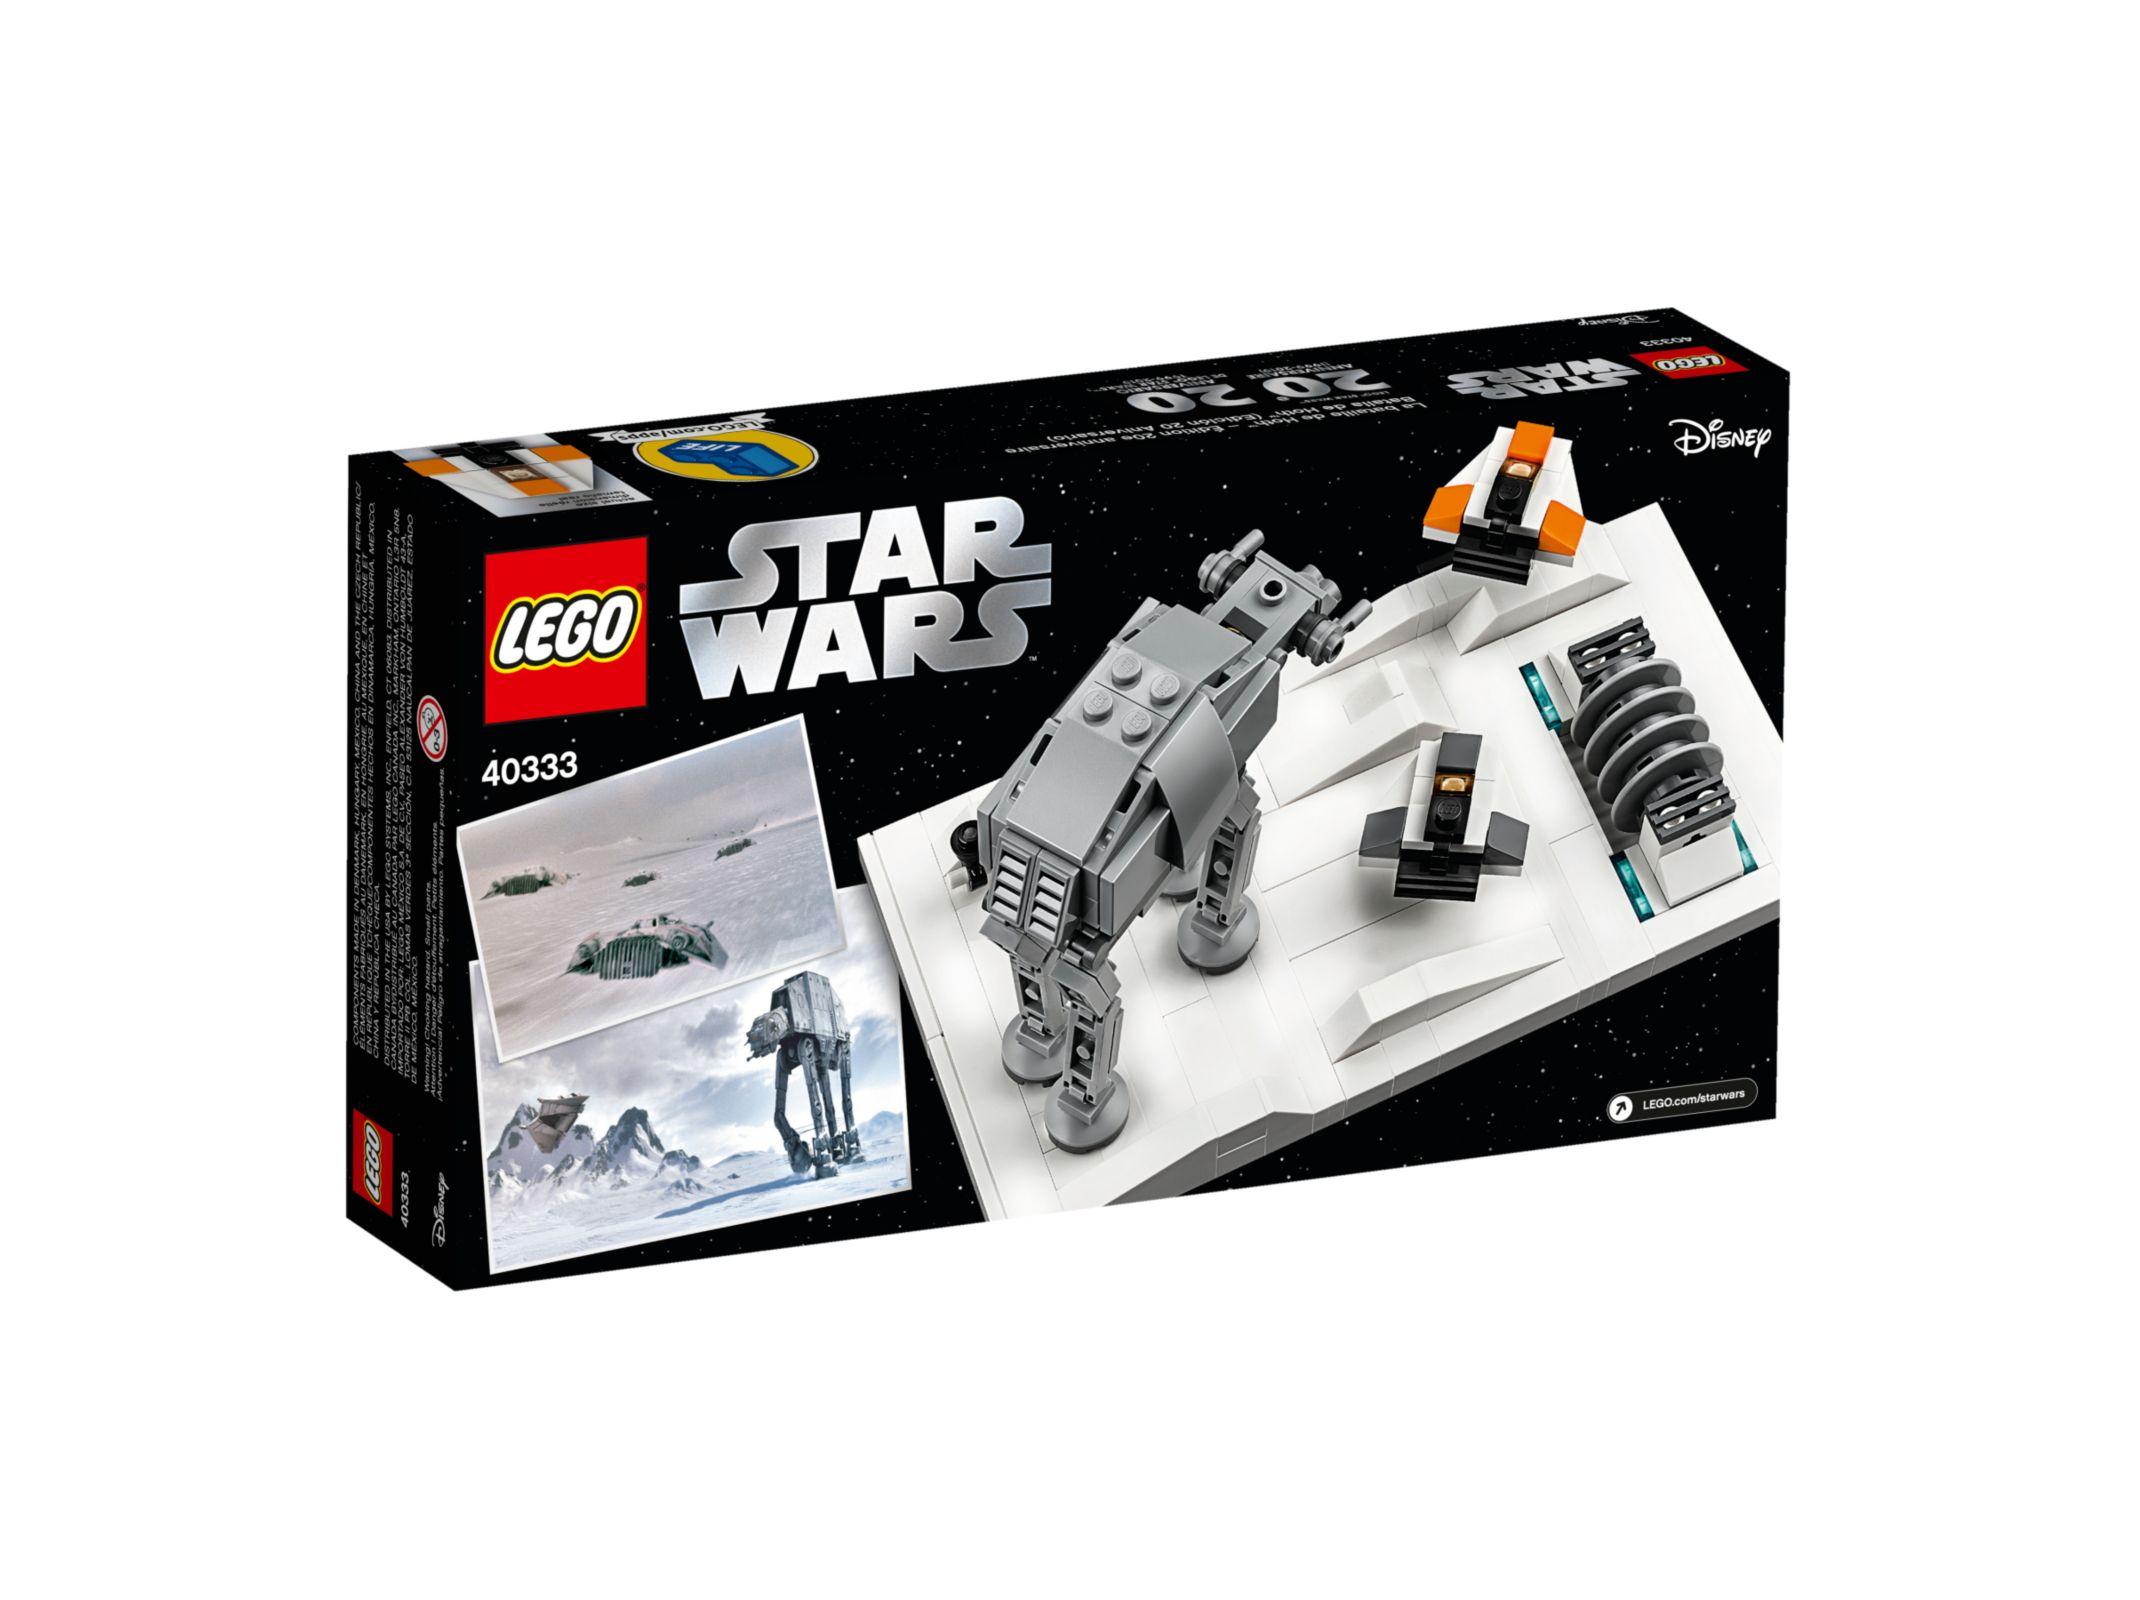 Neu LEGO 75203 Star Wars 8005917